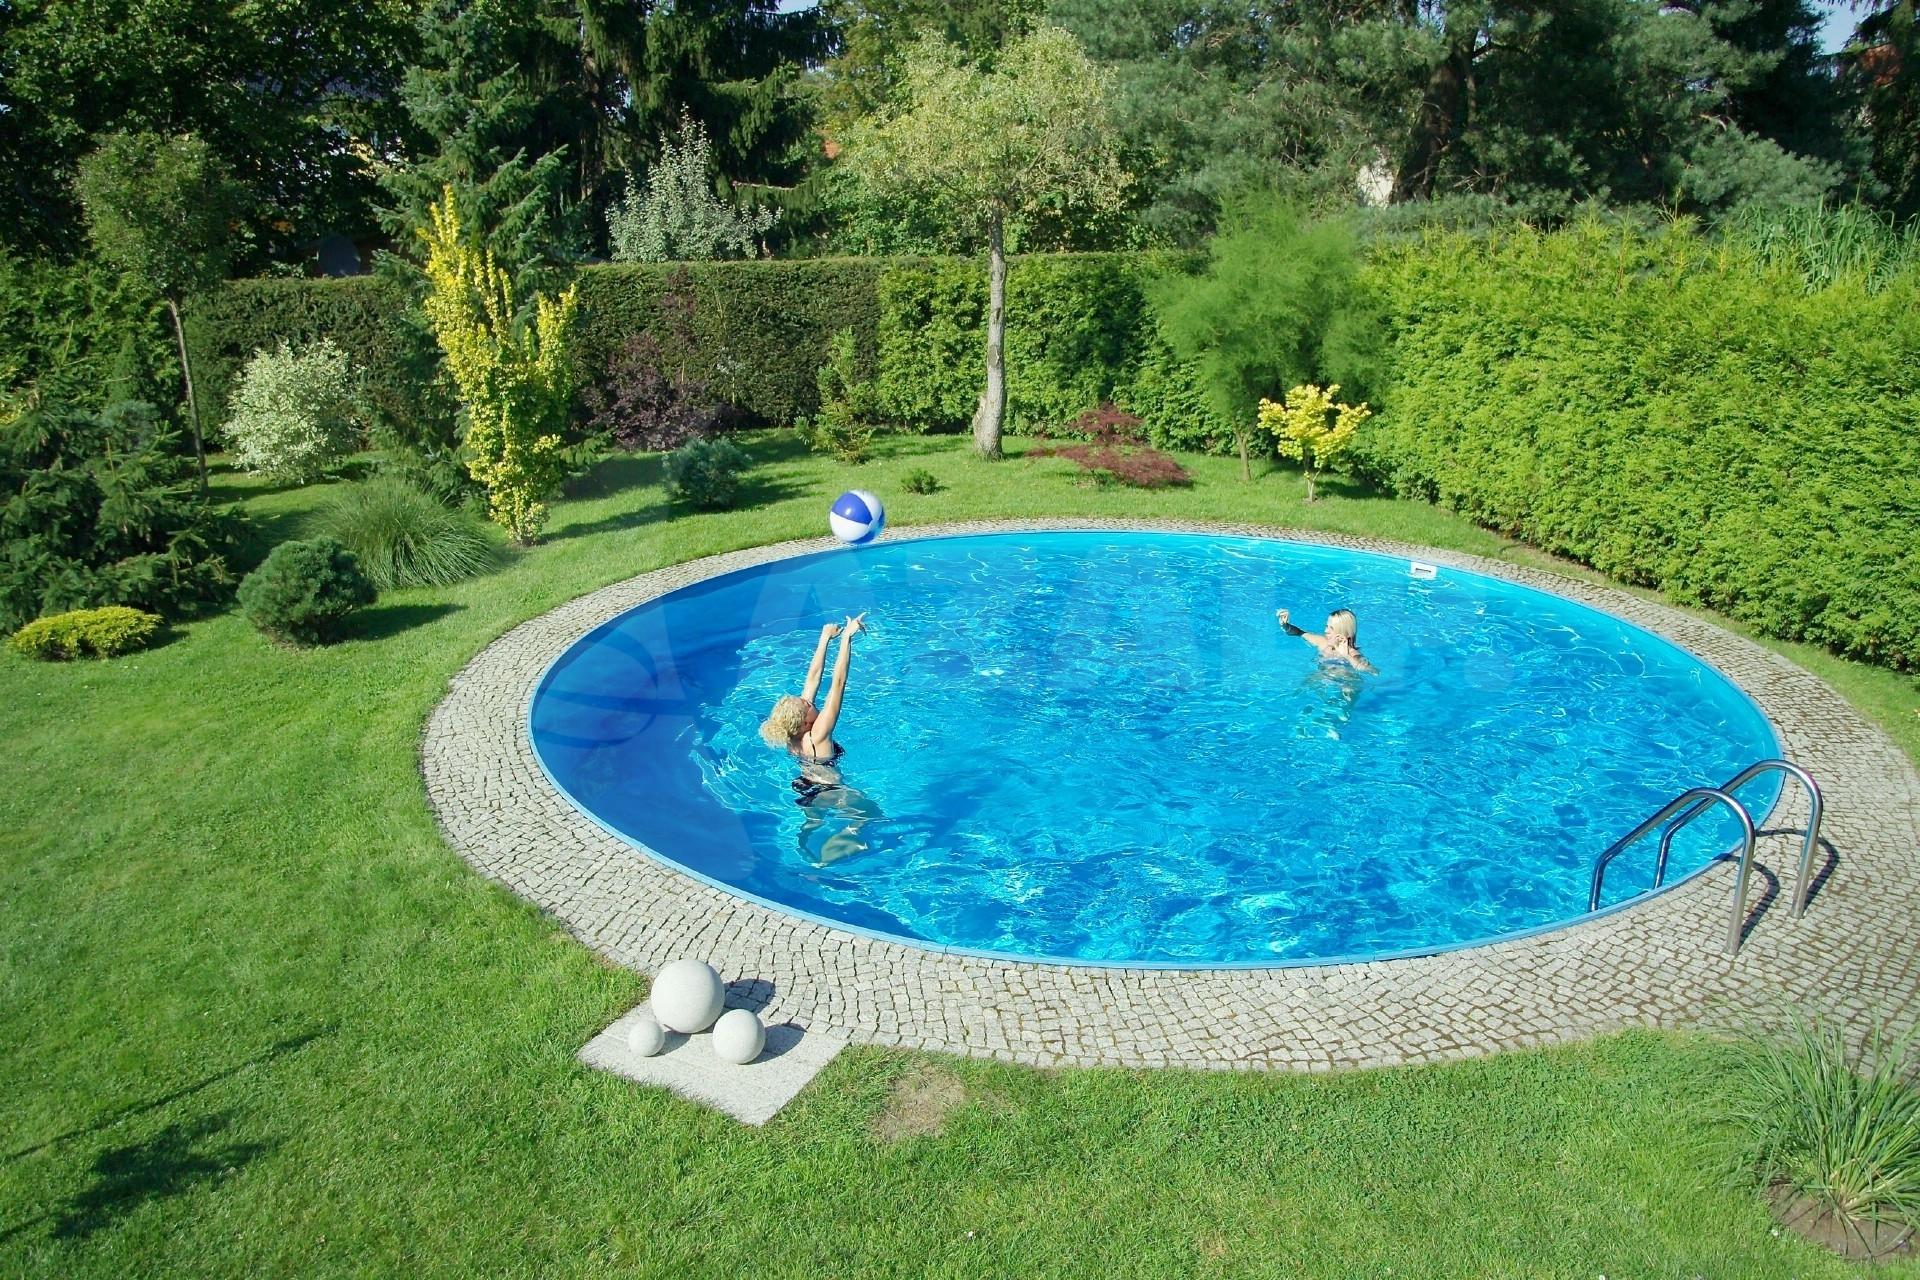 Trendpool ibiza 350 x 120 cm innenfolie 0 8 mm starter for Pool innenfolie 350x90